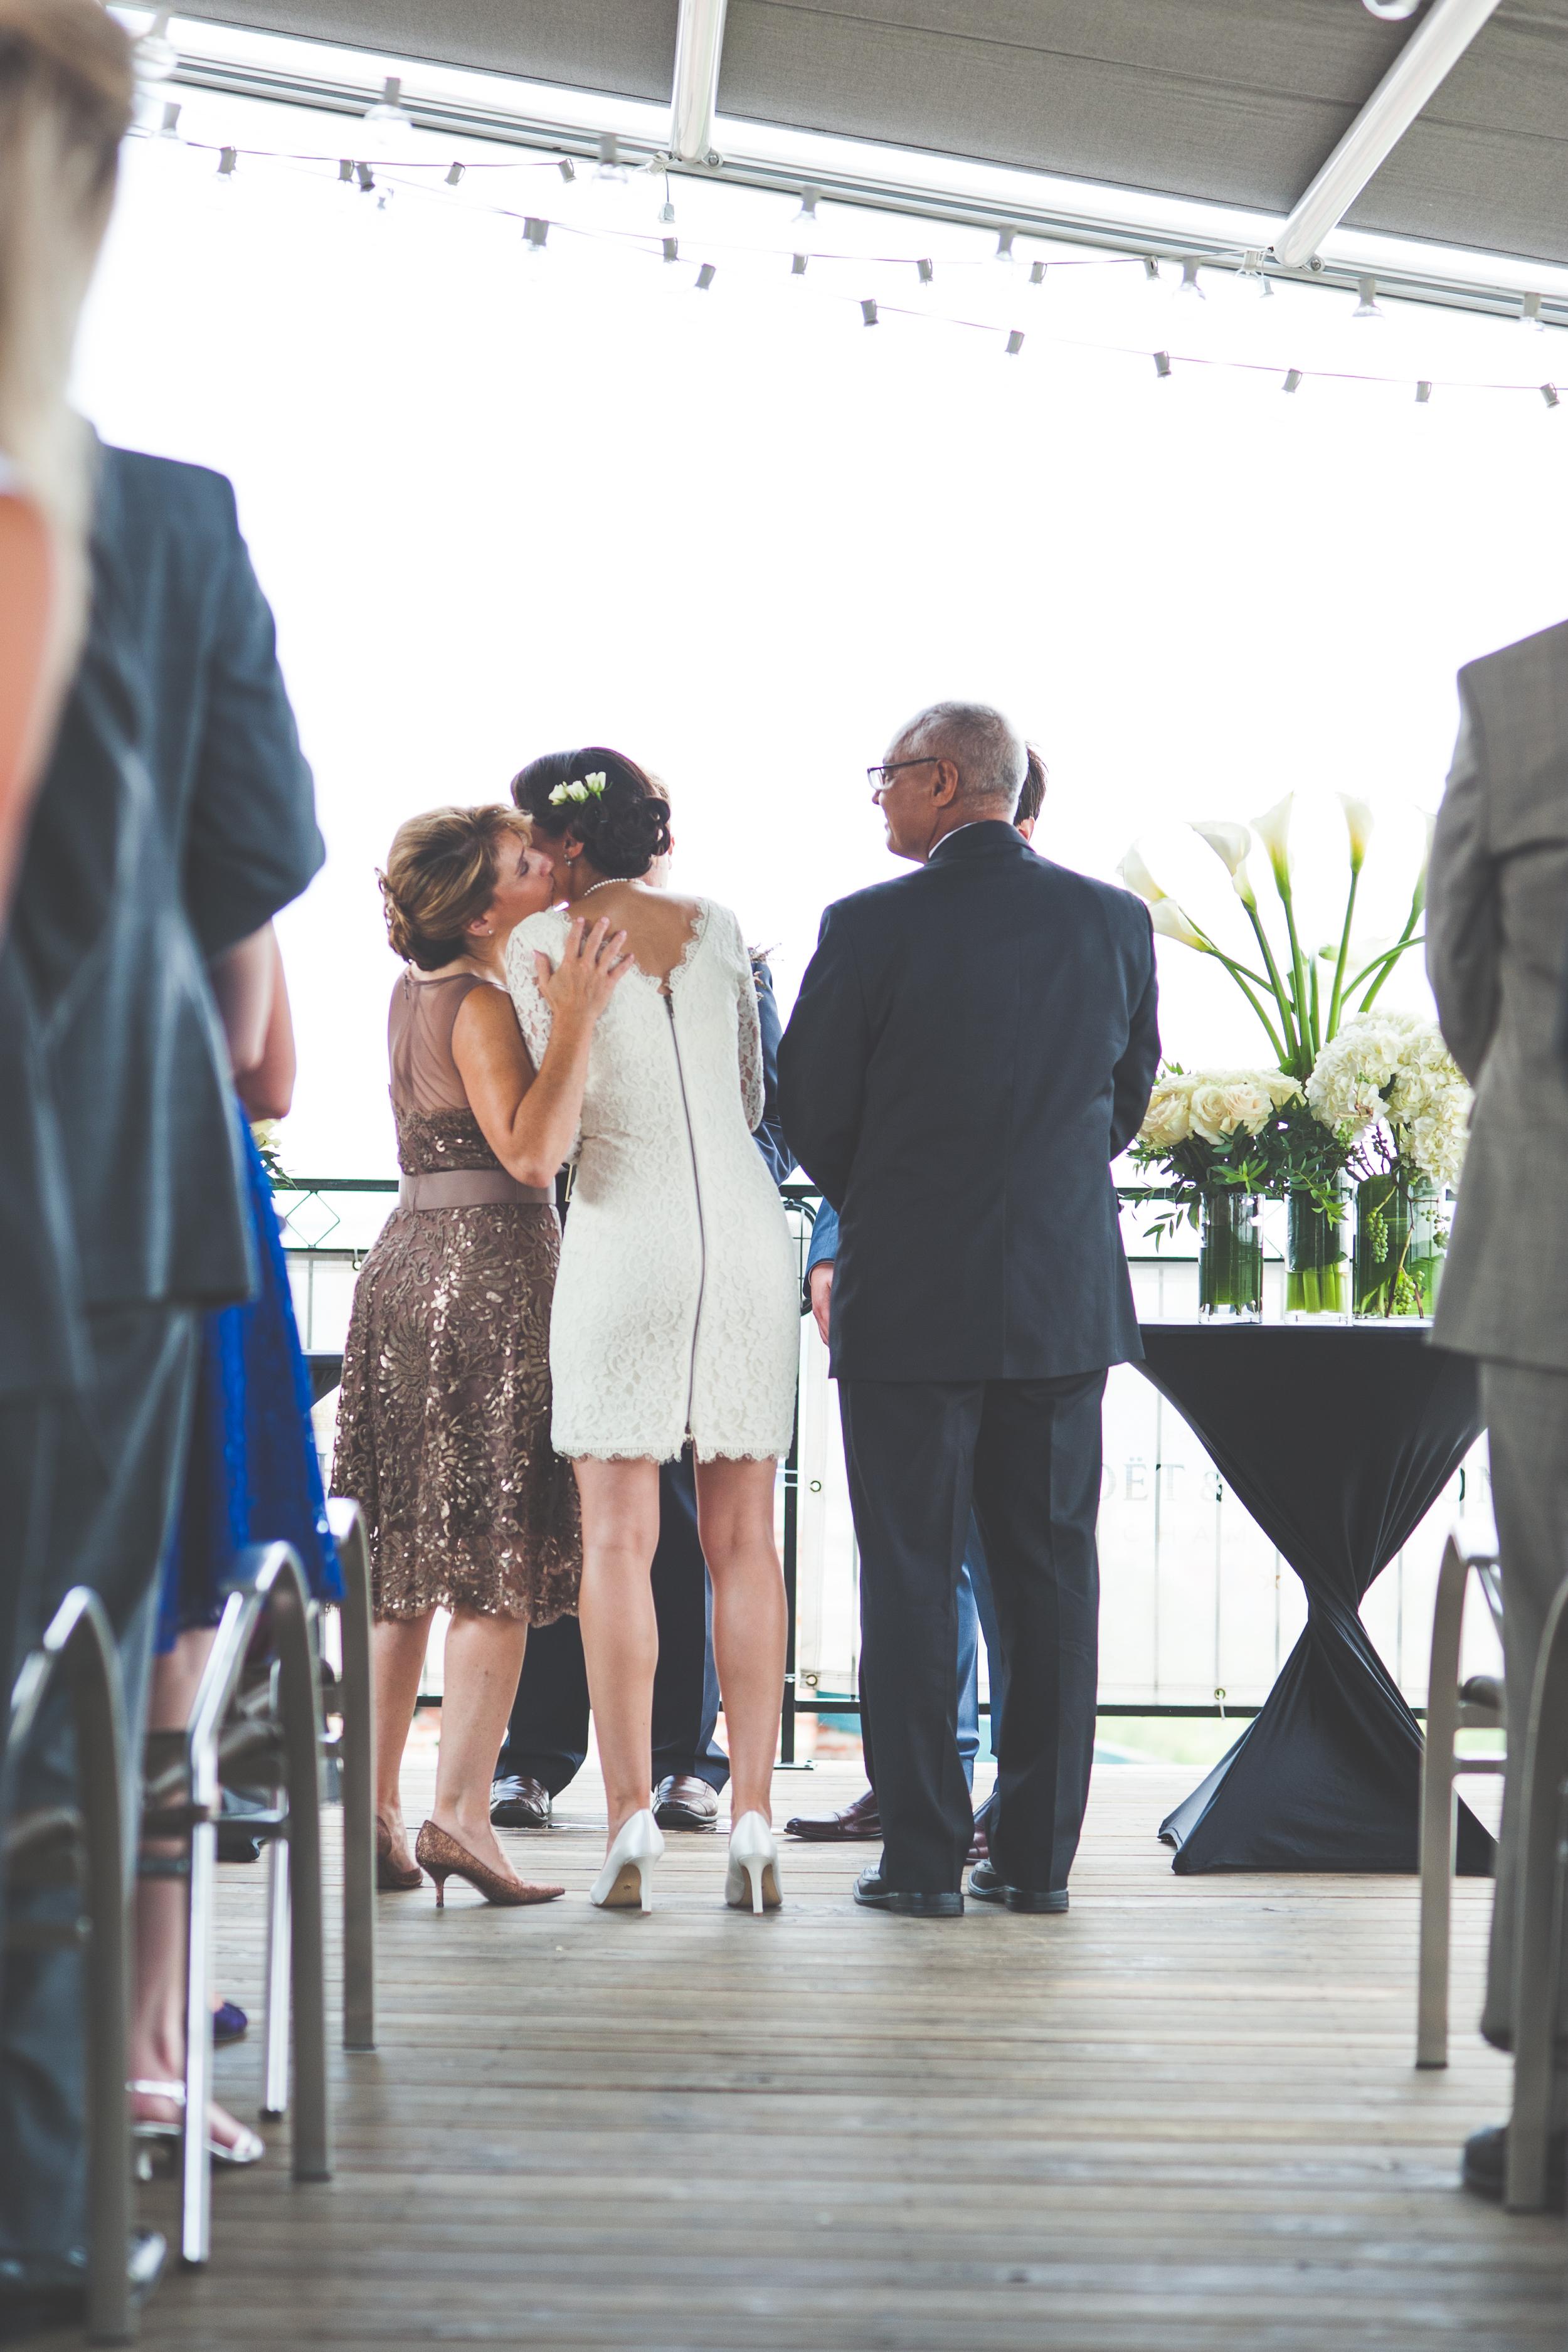 Wedding+(3+of+17).jpeg